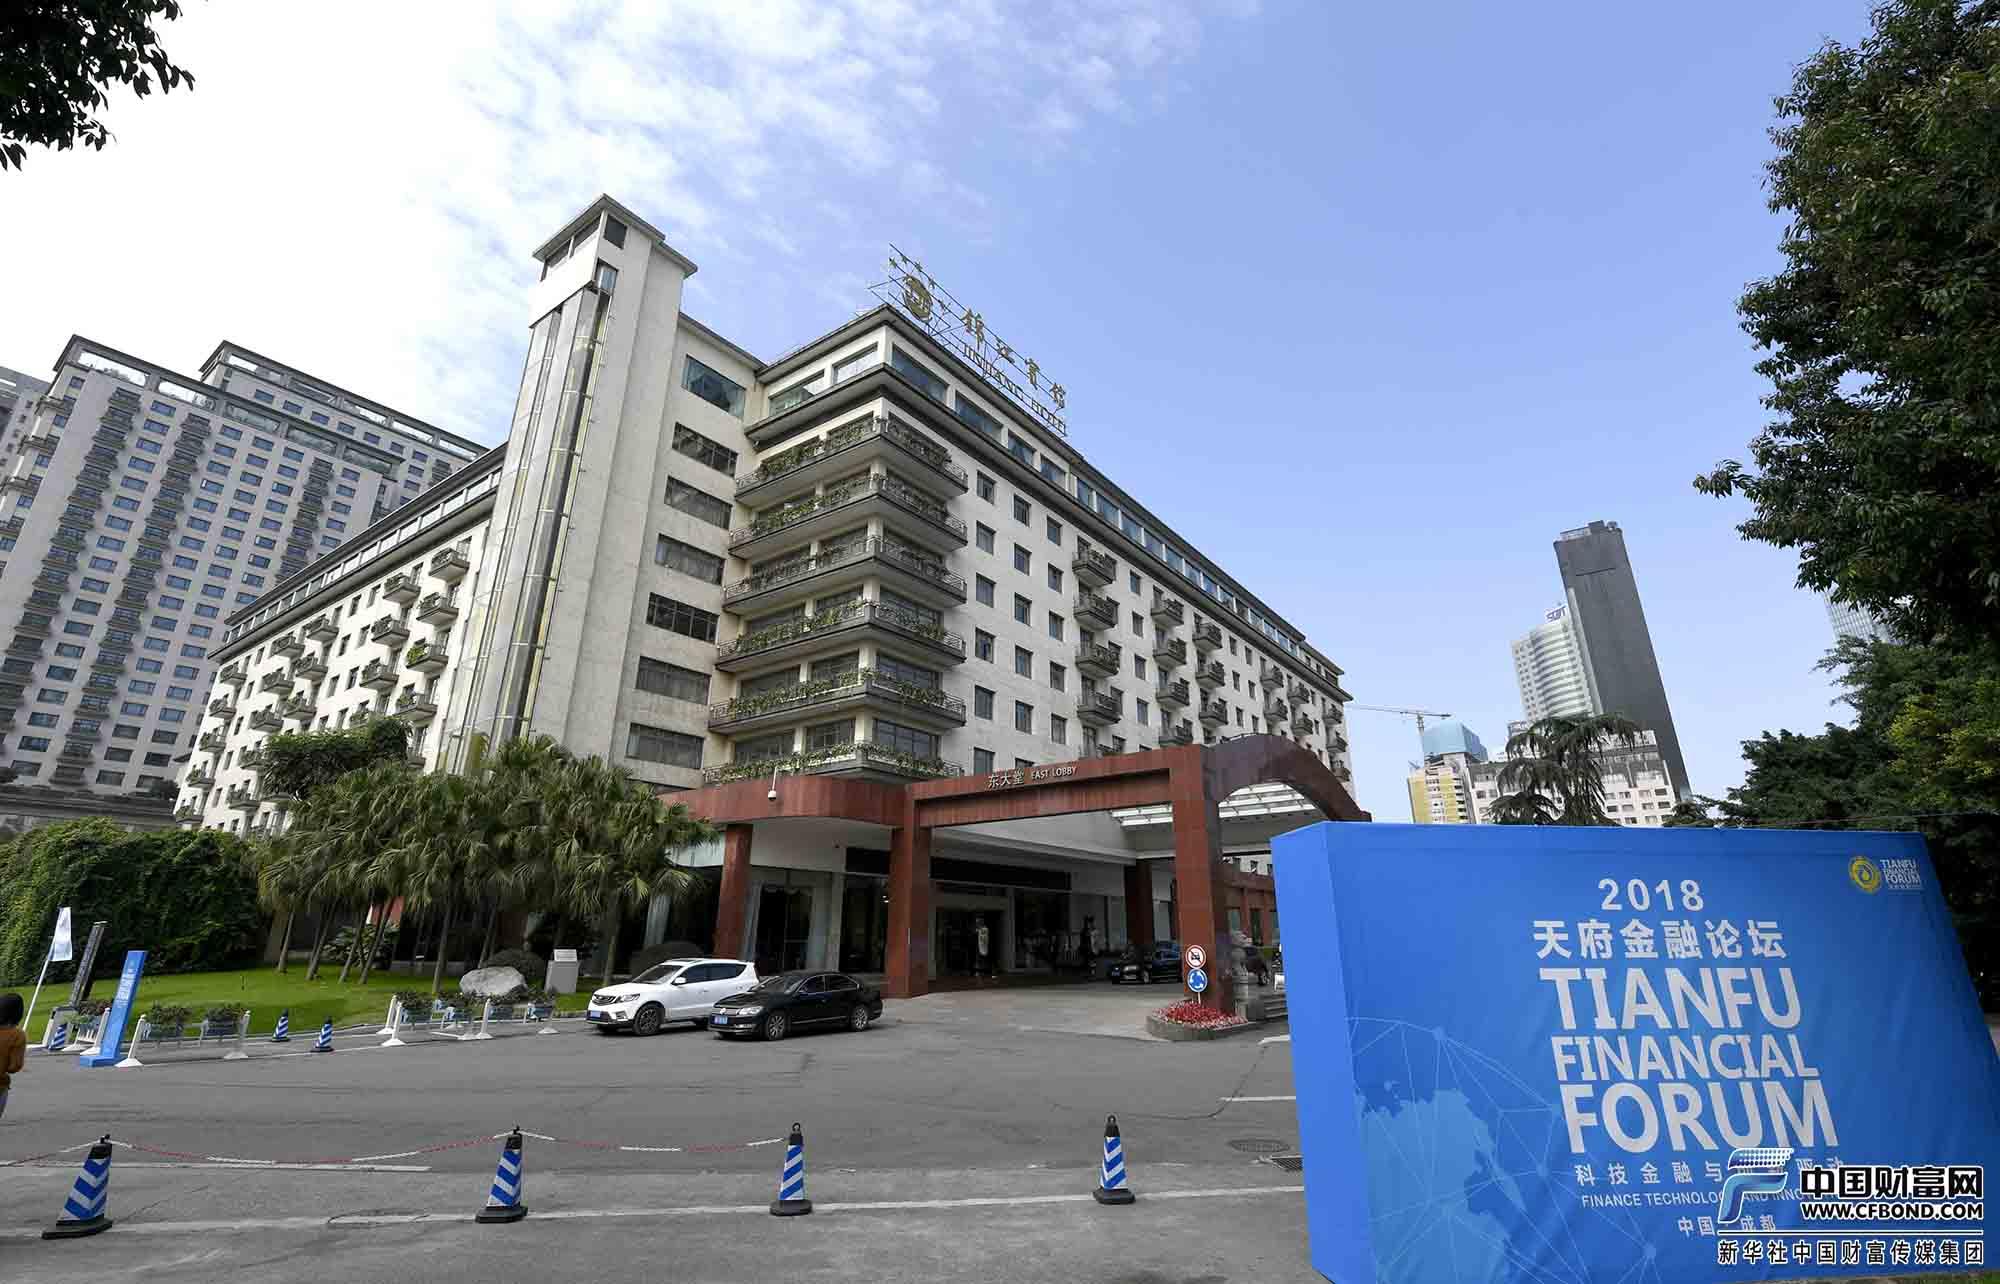 2018天府金融指数发布会在成都市锦江宾馆召开